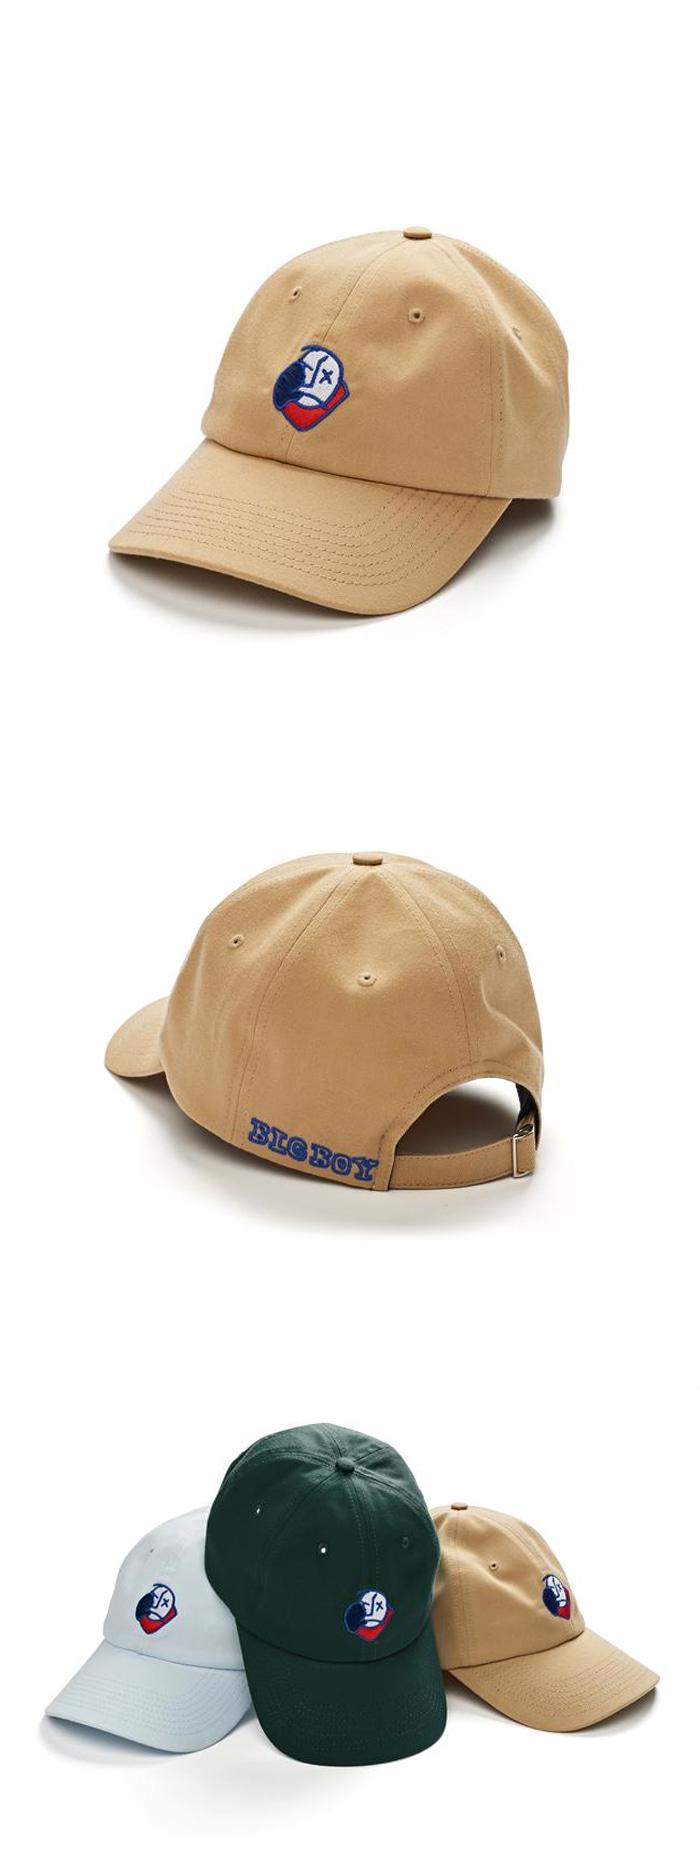 폴라(POLAR) Big Boy Cap - Khaki